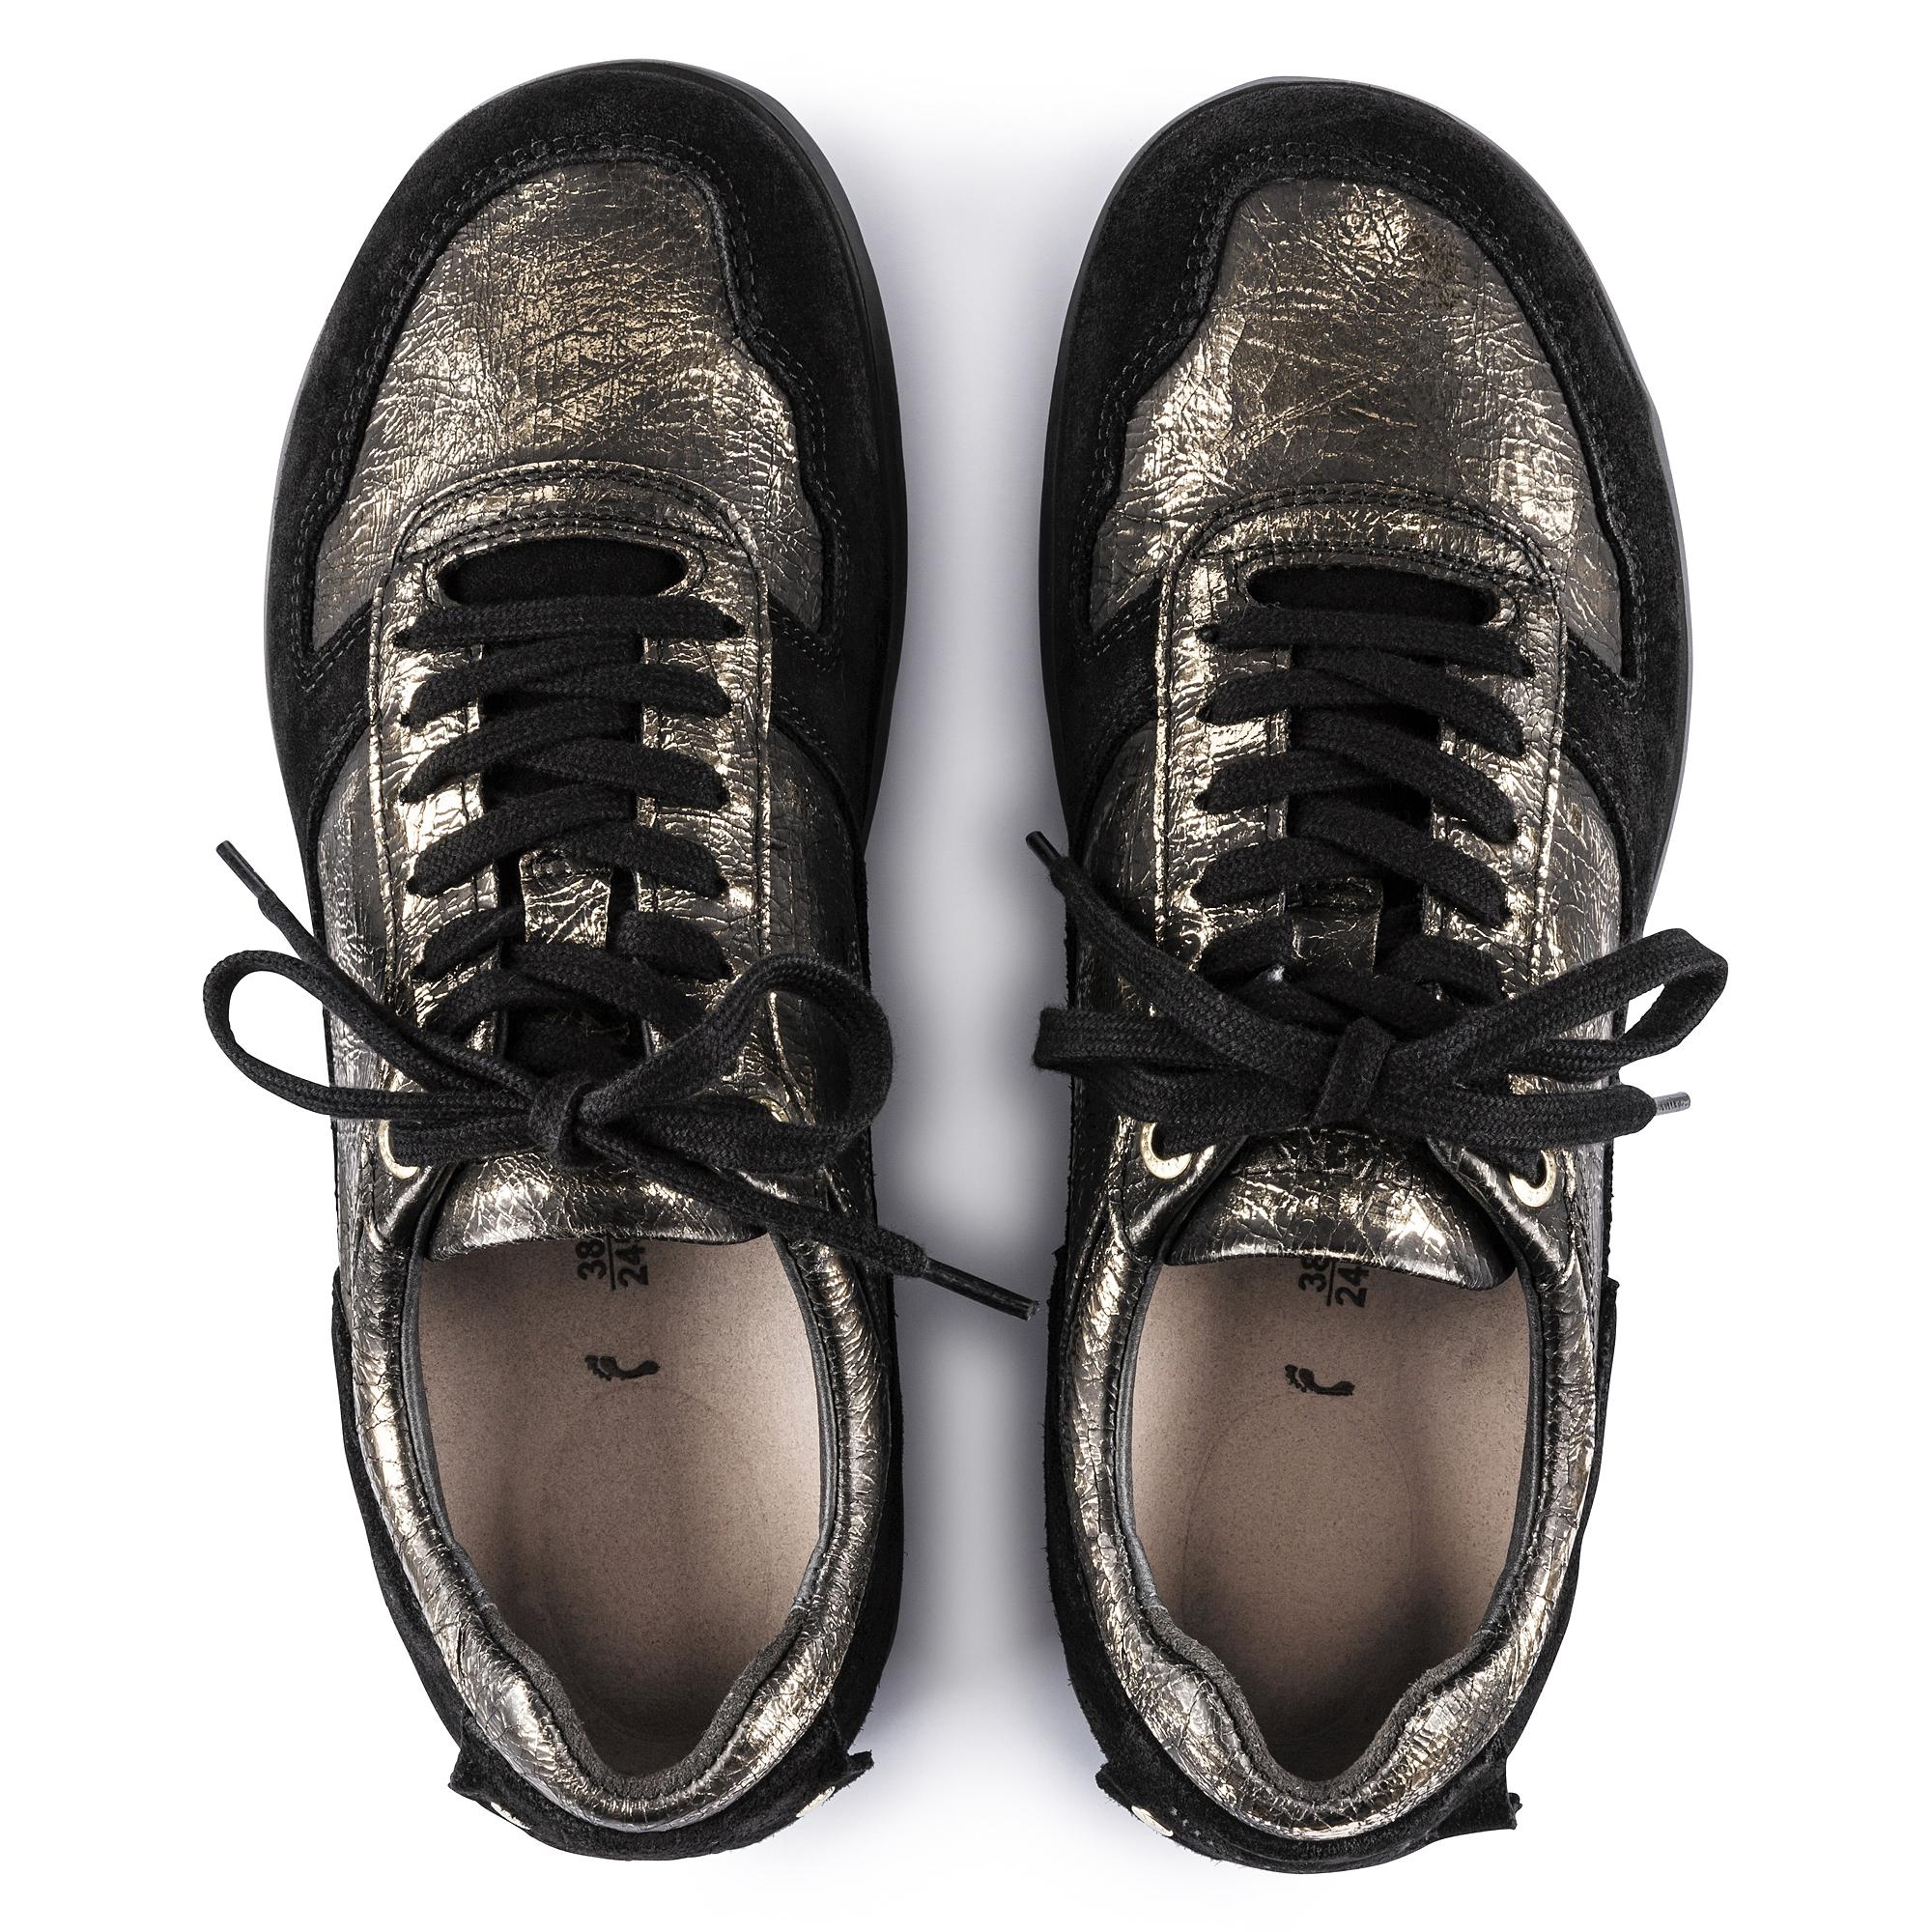 ... Cincinnati Suede Leather/Textile/Synthetics Brass ...